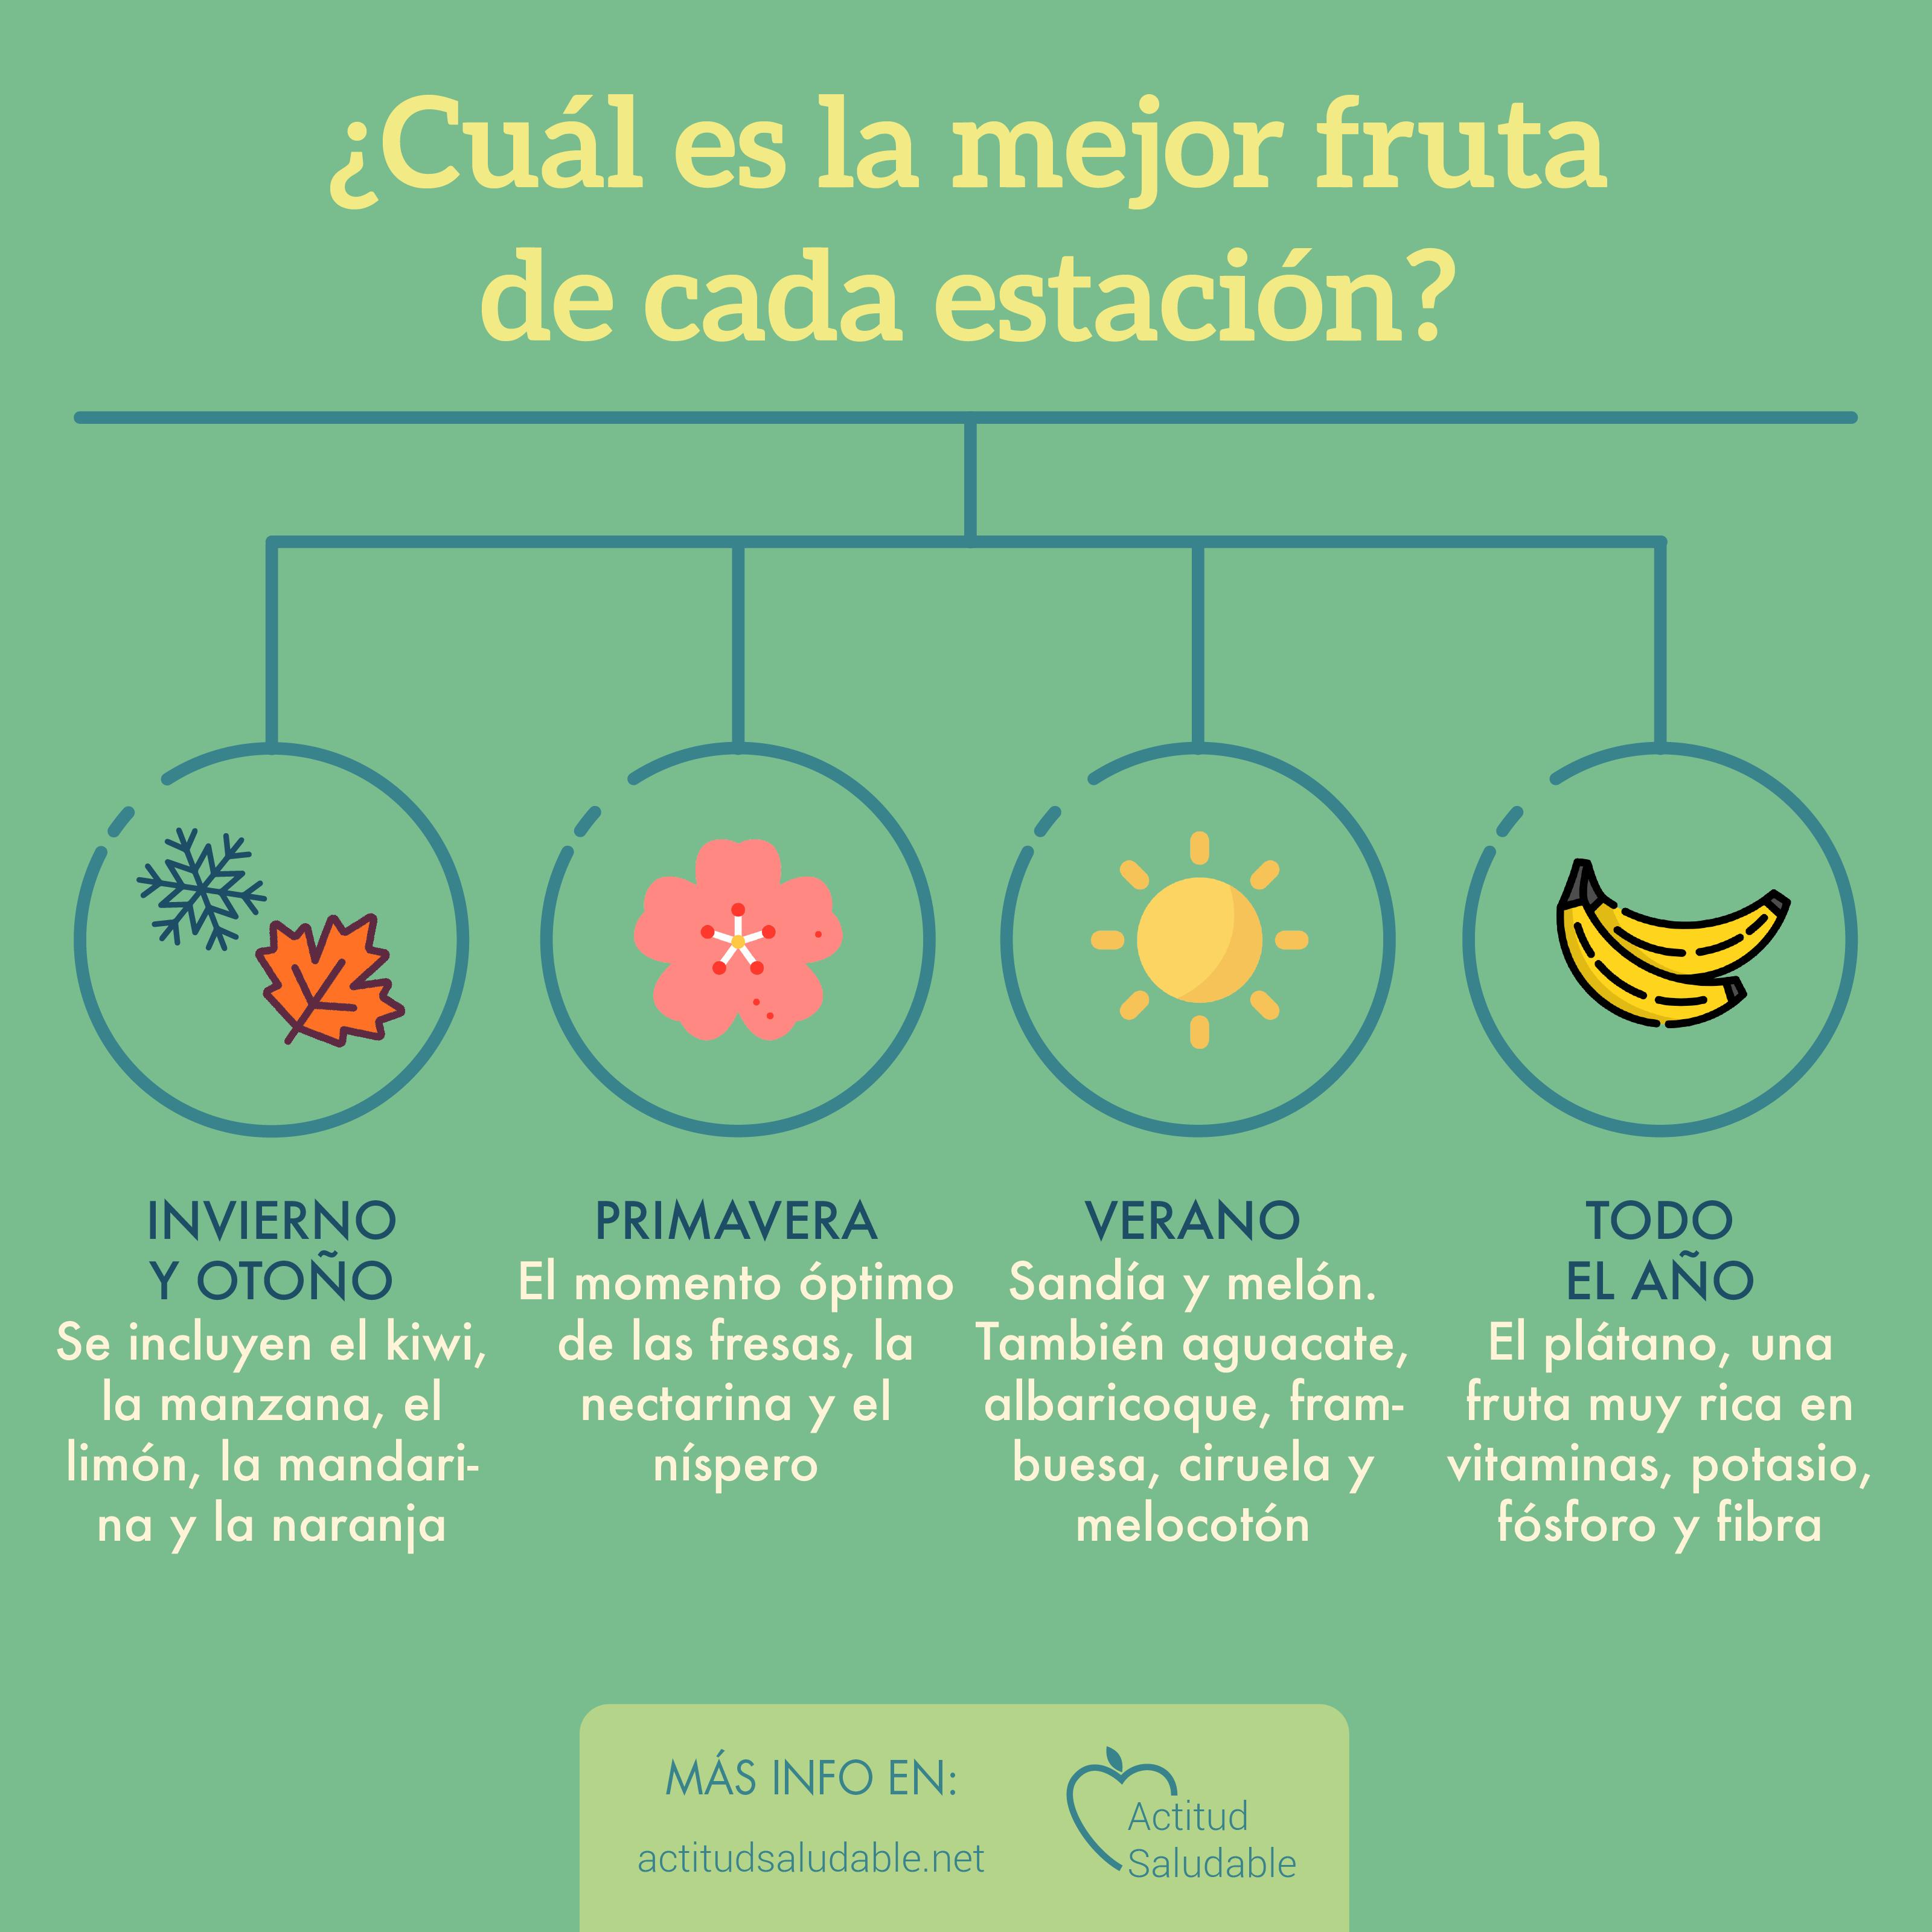 ¿Cuál es la mejor fruta de cada estación?